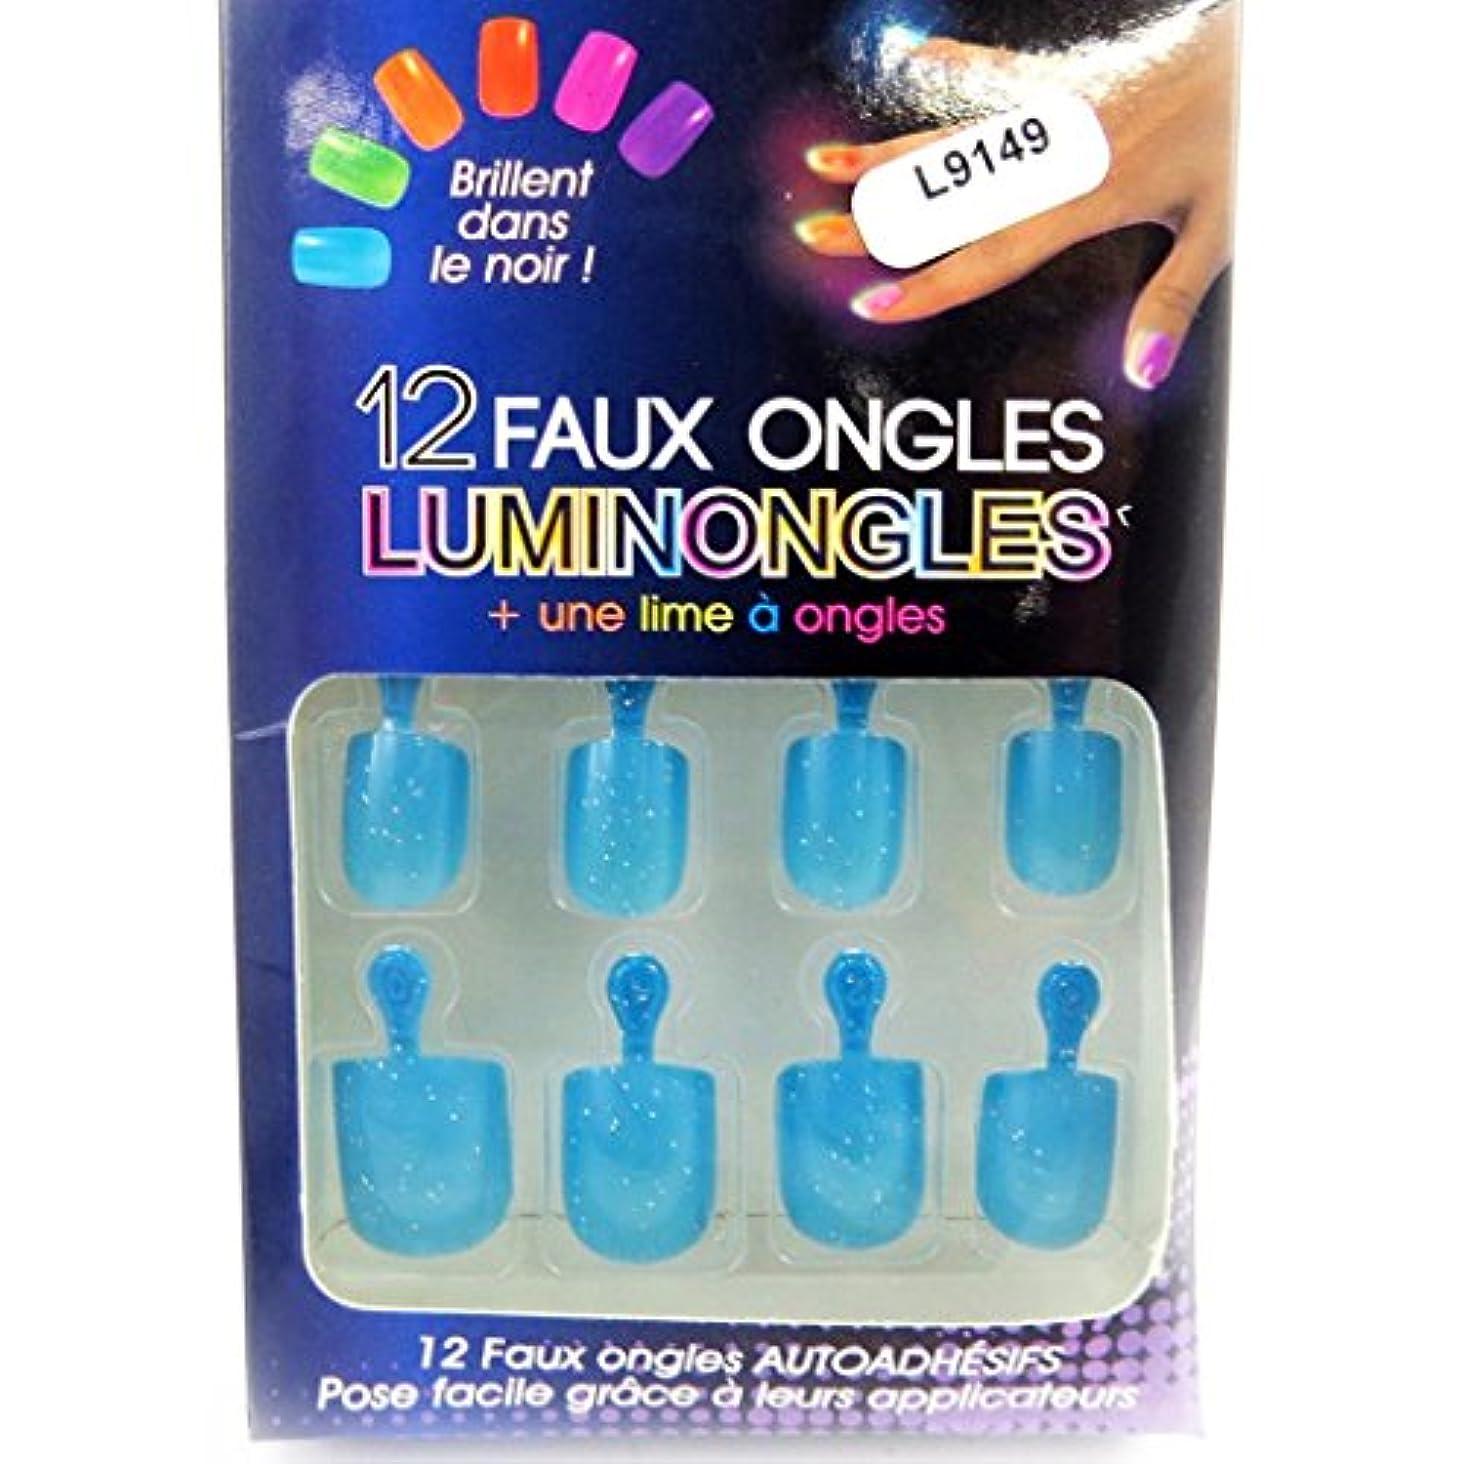 債務者不完全な不正確[リリーの宝 (Les Tresors De Lily)] (Luminongles コレクション) [L9149] アクリルスカルプチュア ブルー